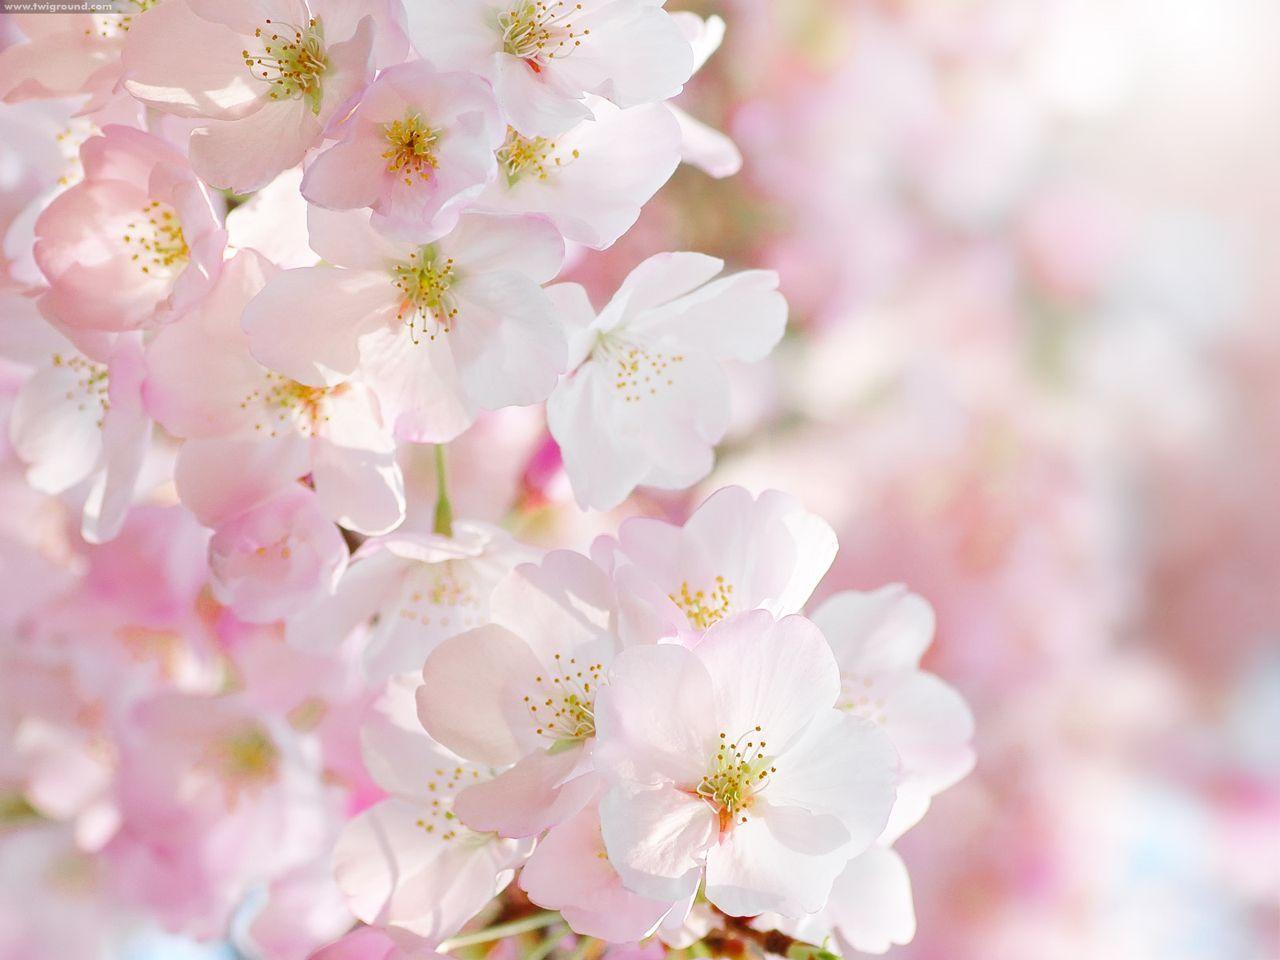 hình ảnh hoa muồng anh đào